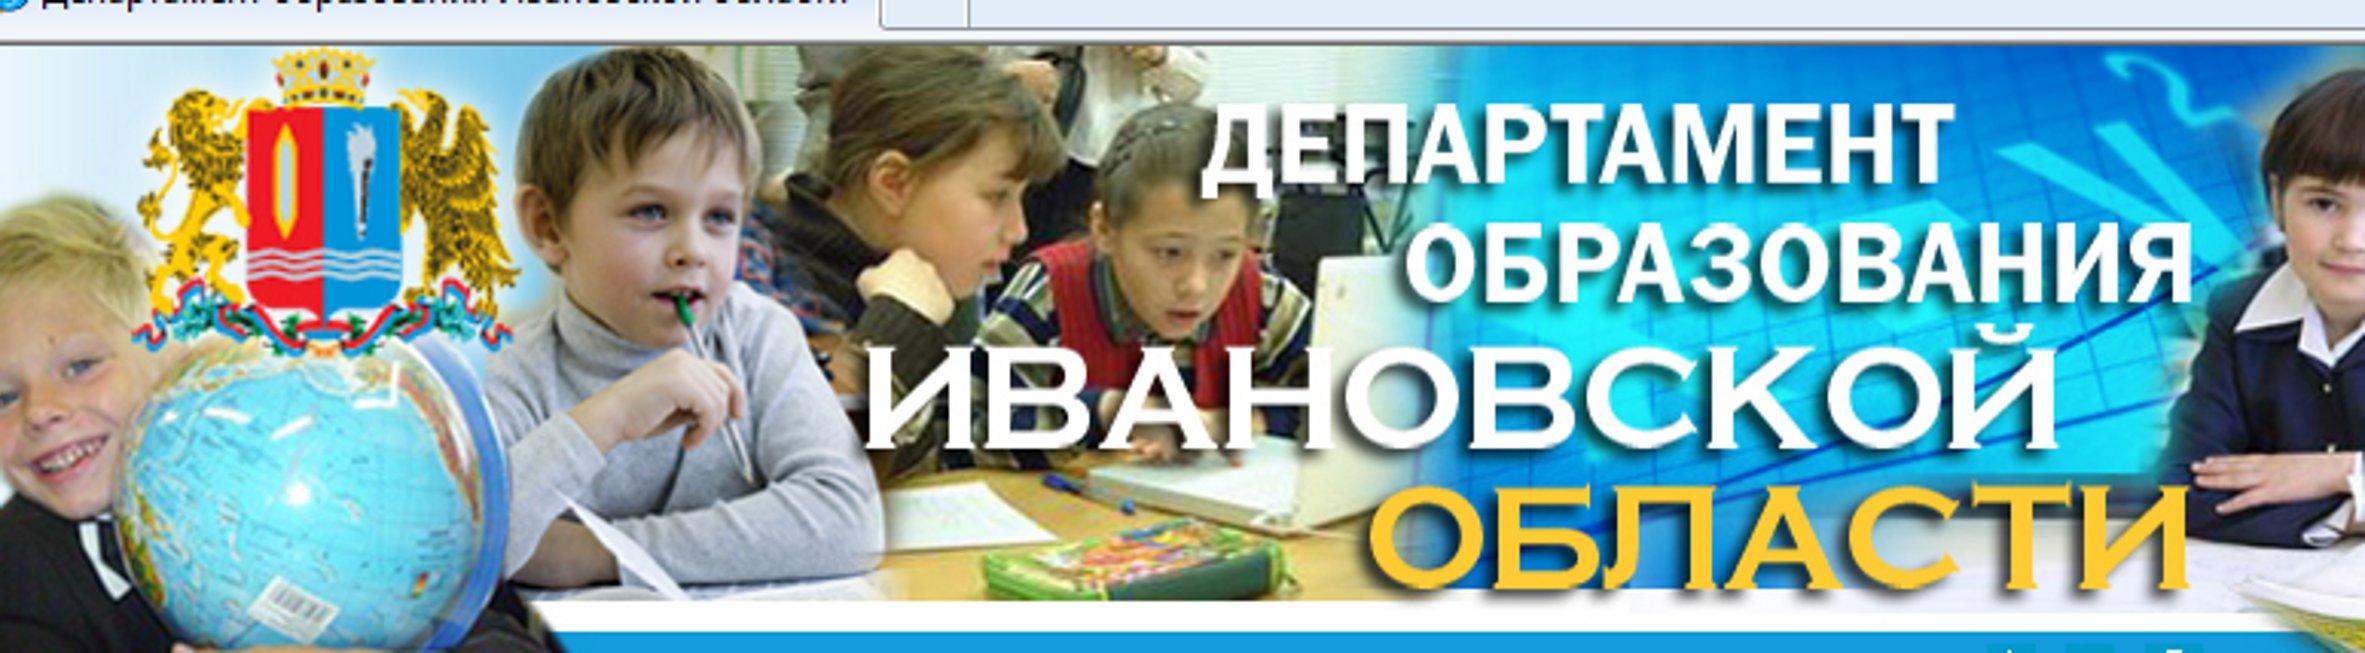 Сайт Департамента образования Ивановской области